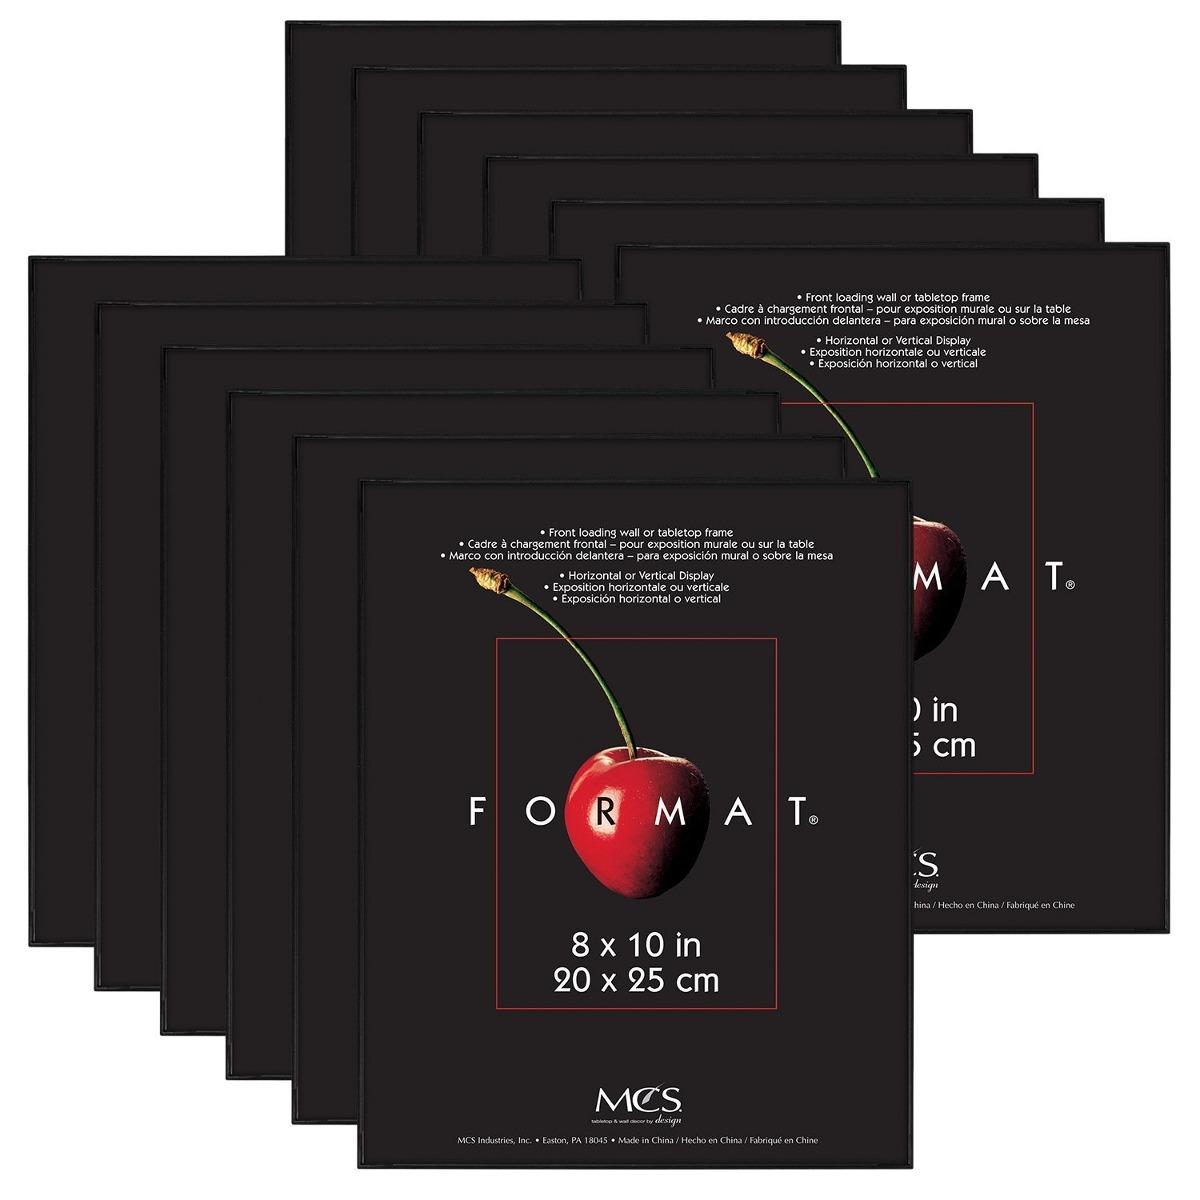 Mcs 8x10 Pulgadas Formato De Trama 12-pack, Negro (65553 ...